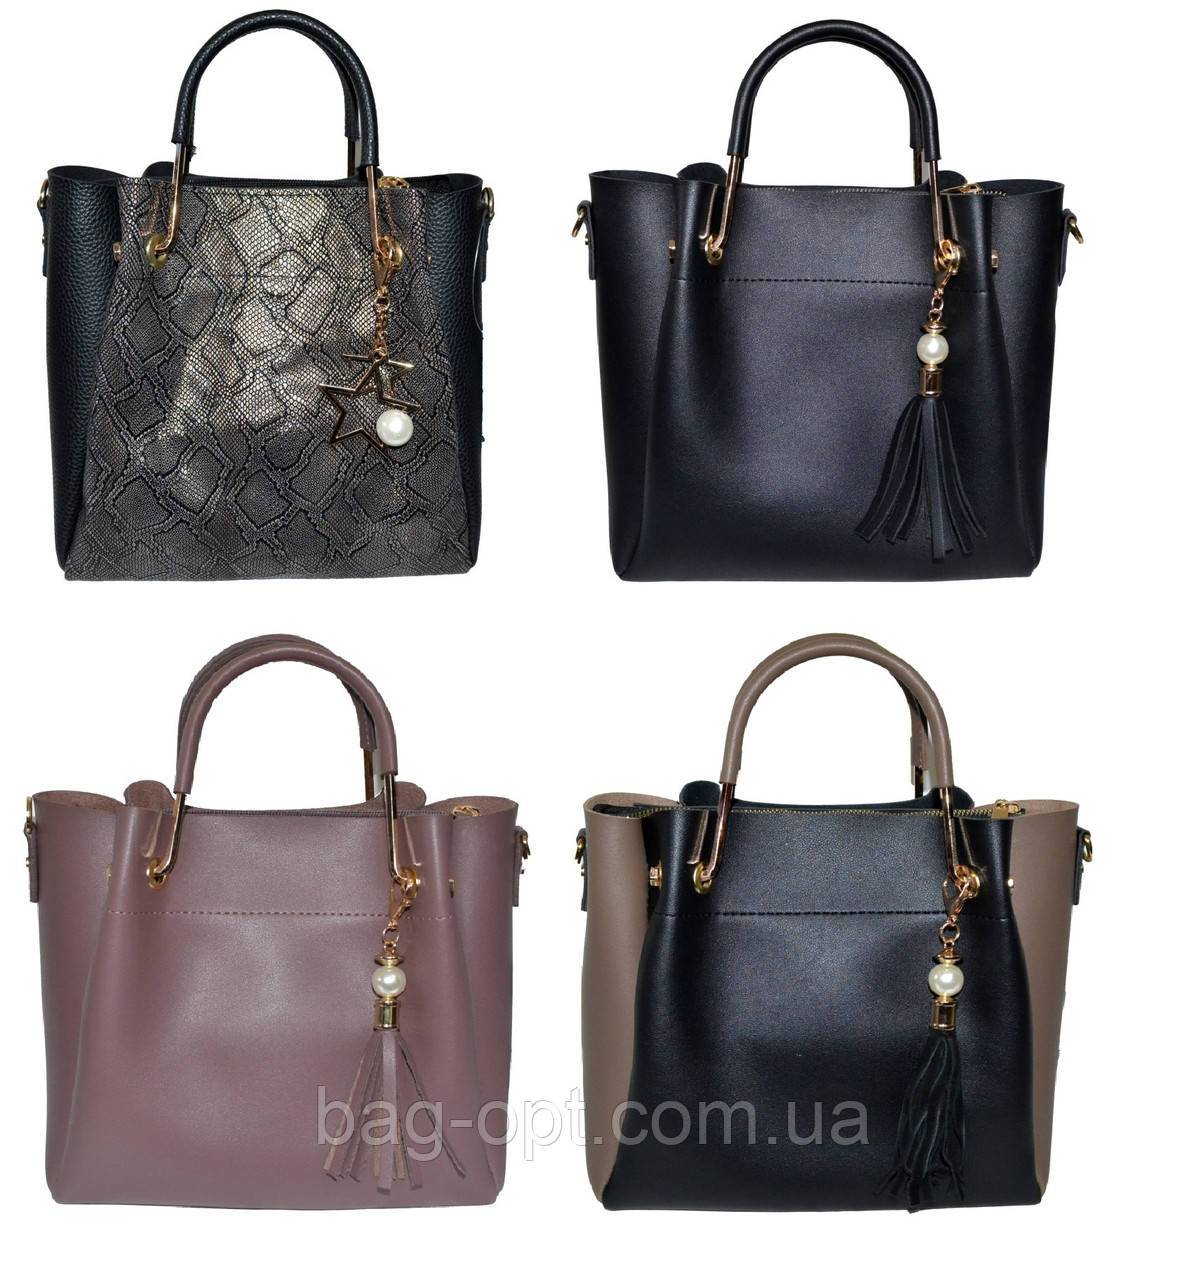 bd47954bdae6 Женская премиум сумка (24*25*15) : продажа, цена в Харькове. женские ...